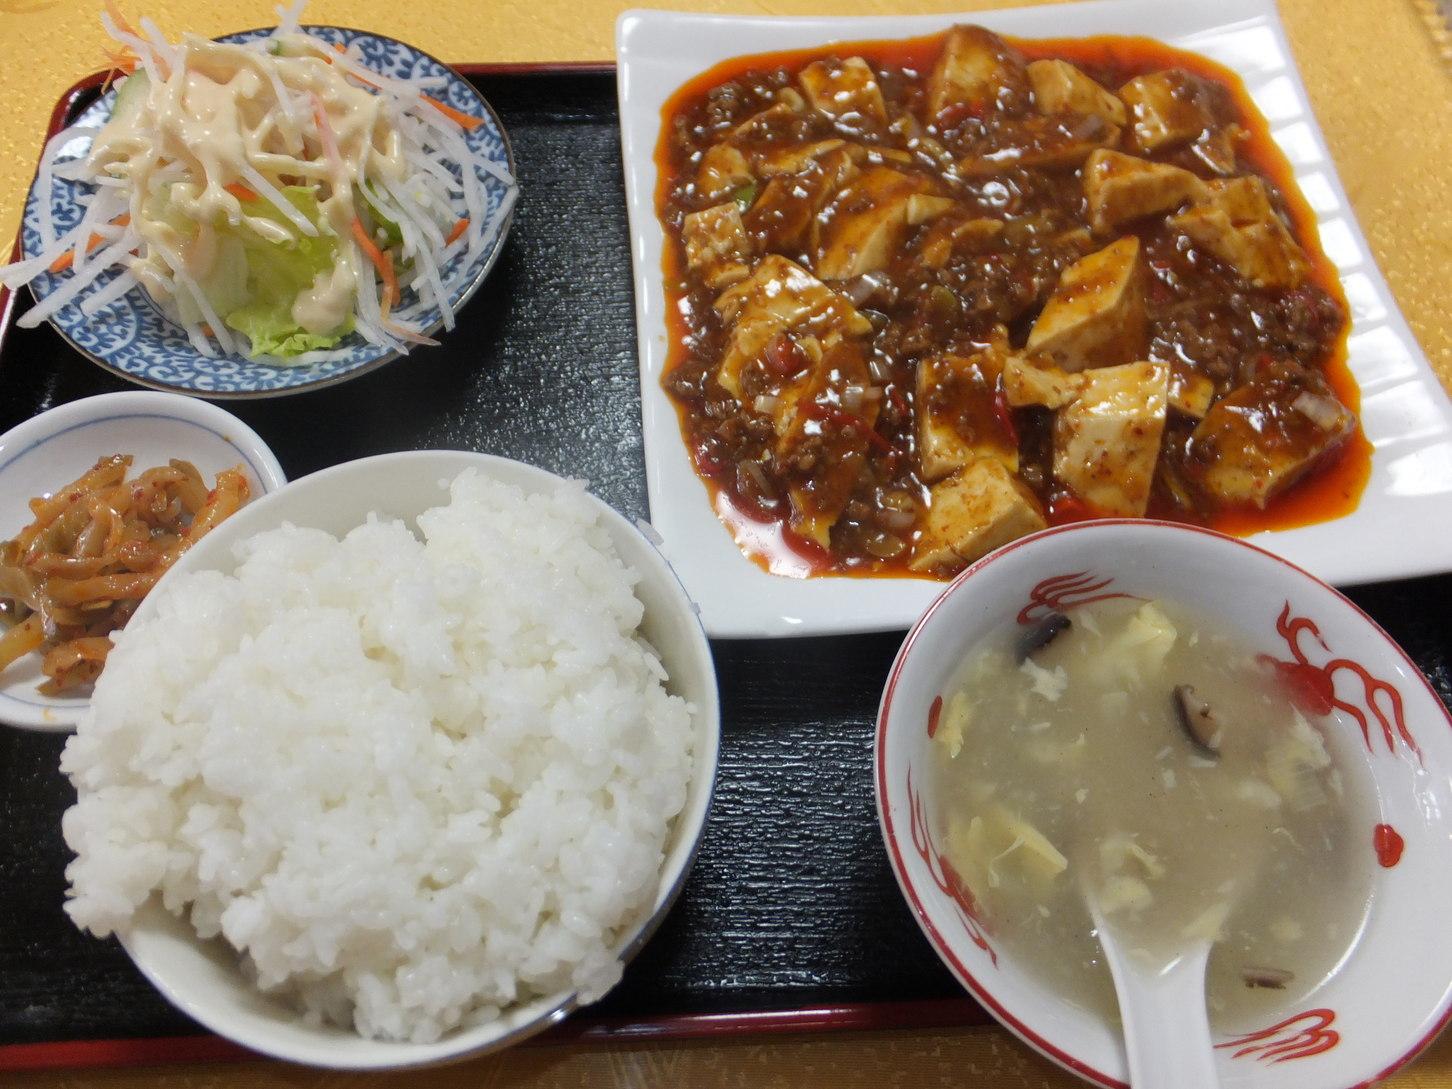 松花江飯店 二十四軒店